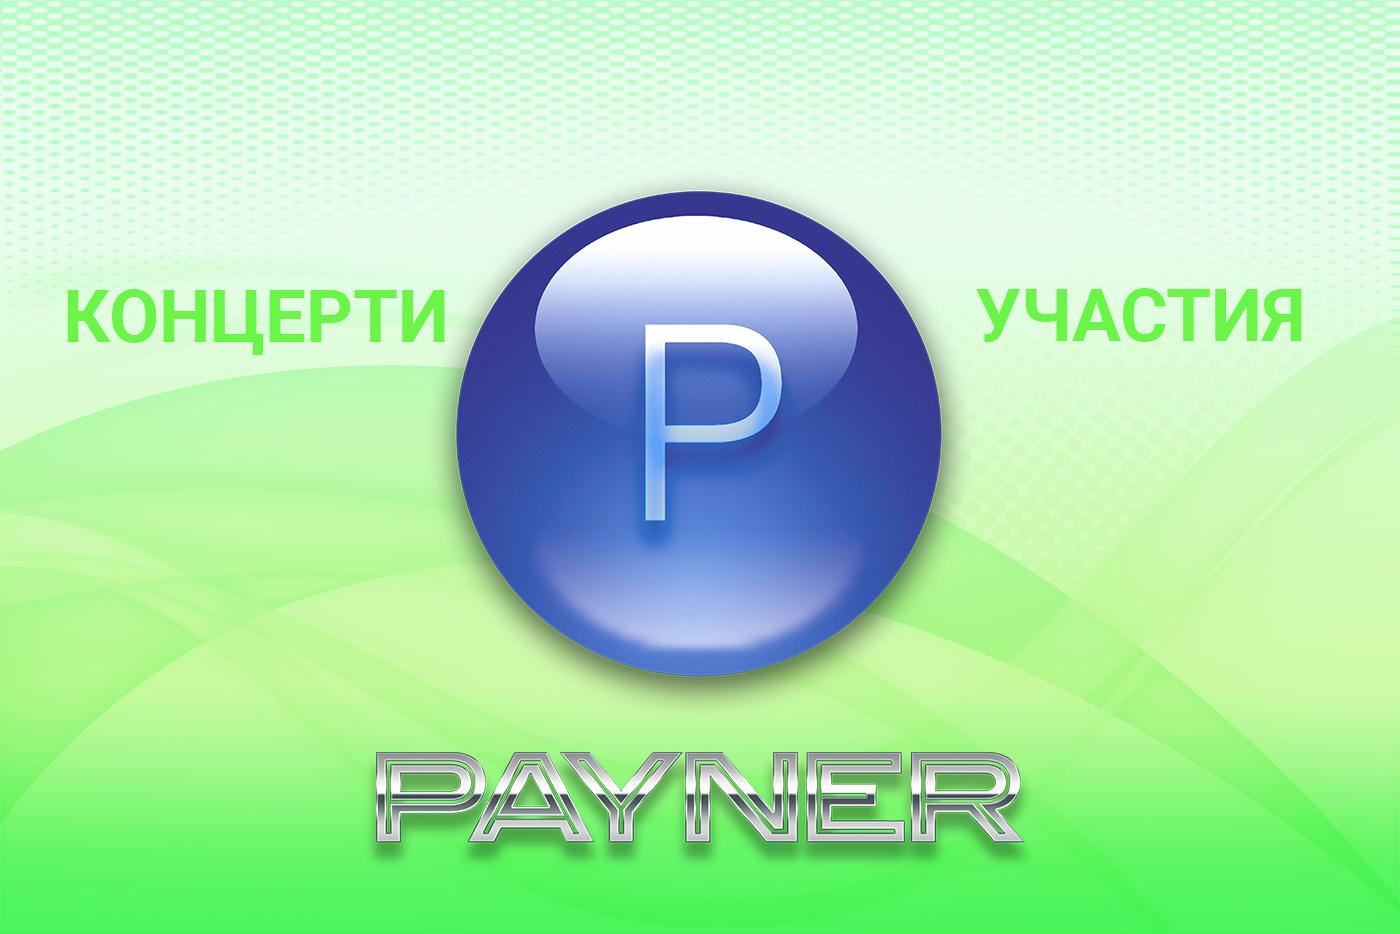 """Участия на звездите на """"Пайнер"""" на 09.07.2020"""